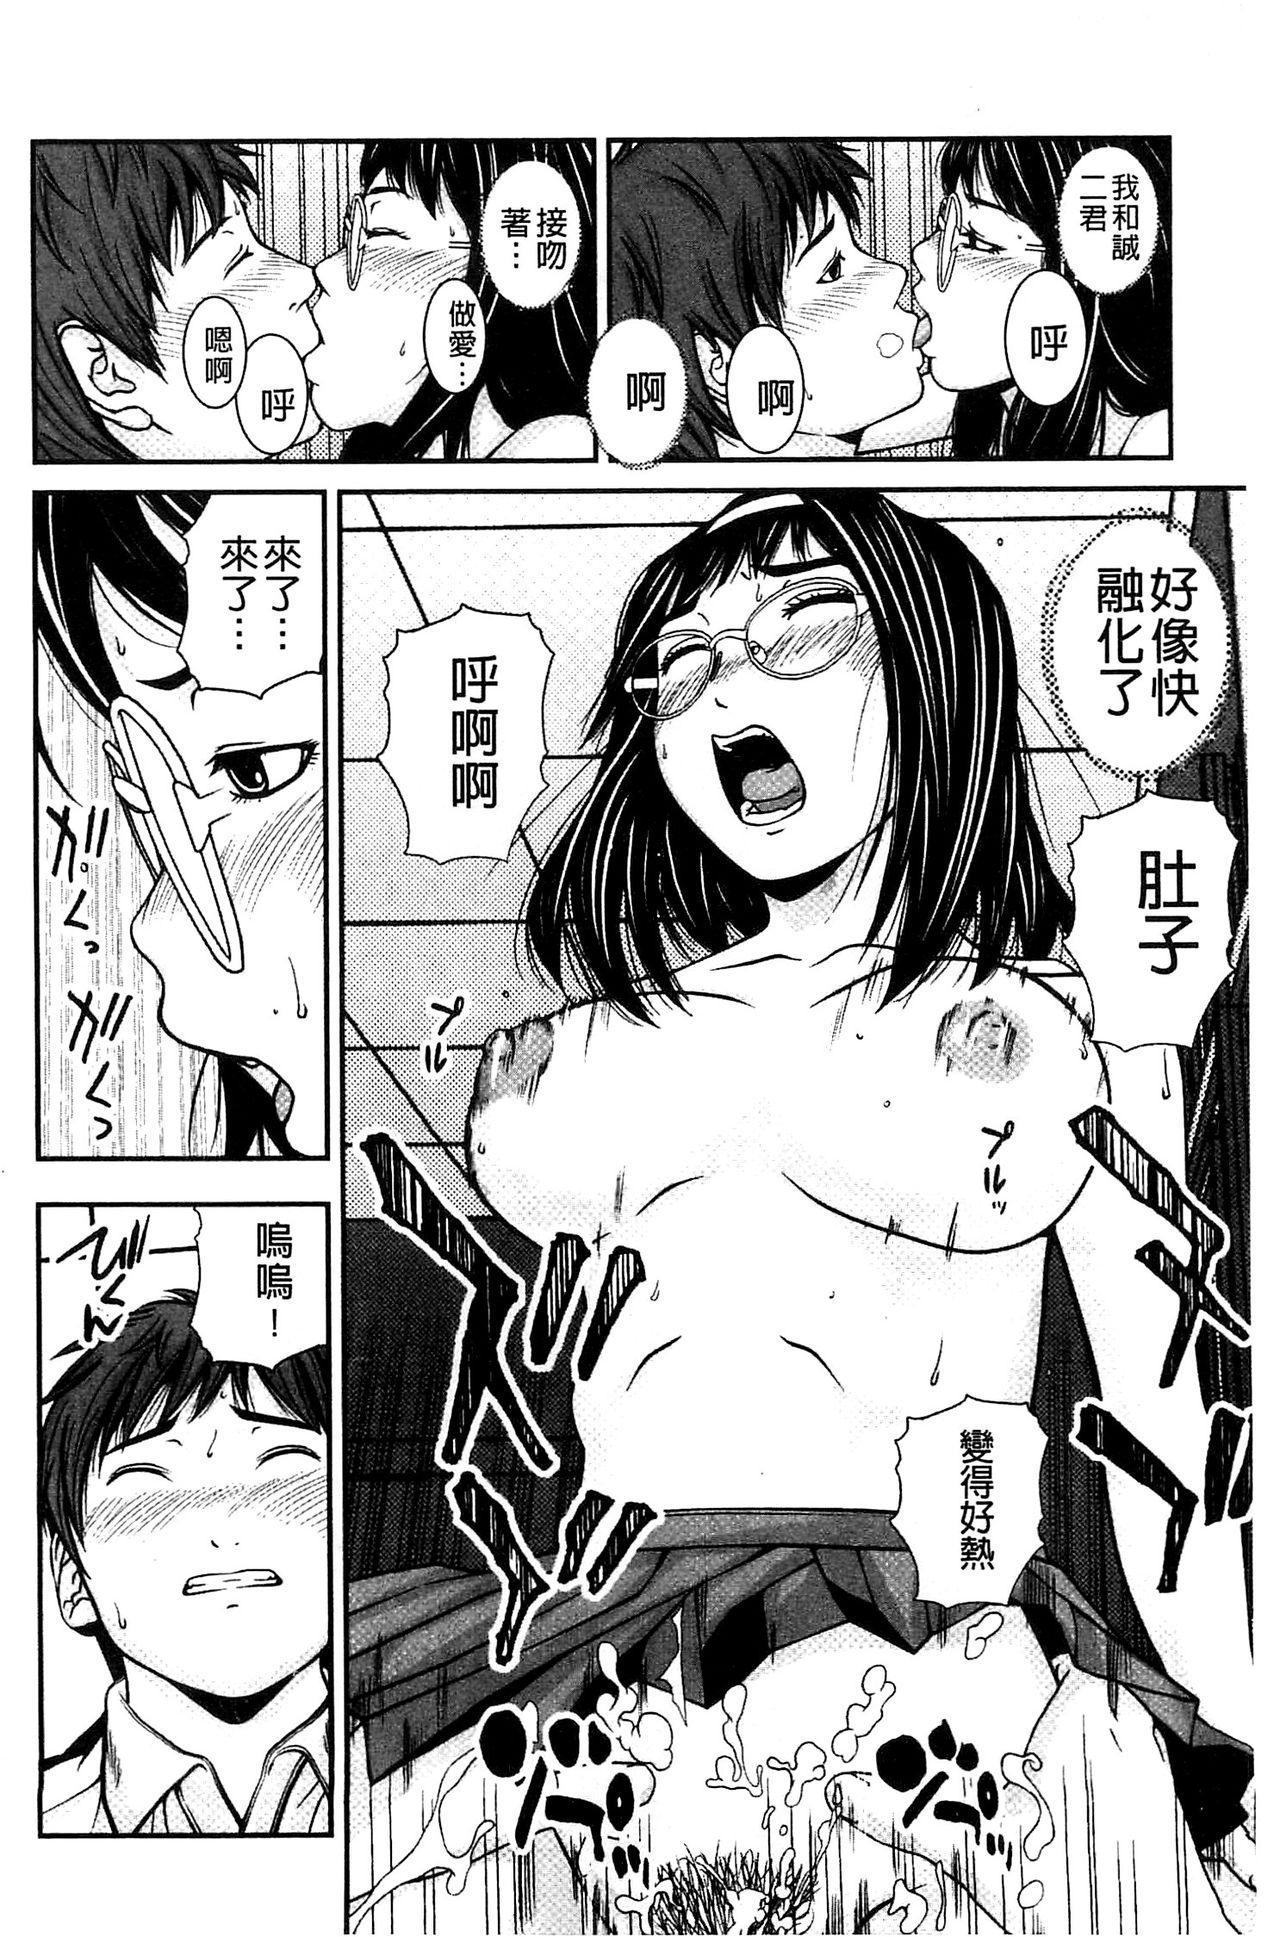 Koijirushi Love Milk | 戀印愛慾鮮乳 73